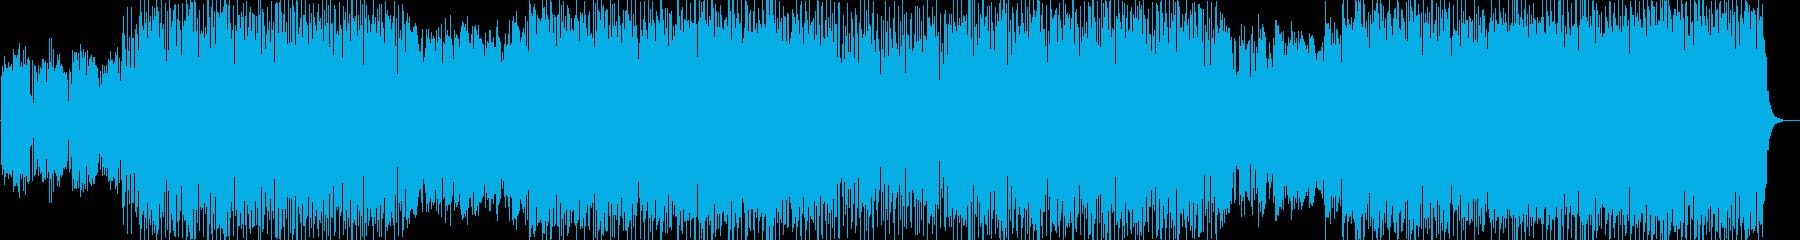 【和洋折衷】篠笛と四つ打ちハウスビートの再生済みの波形